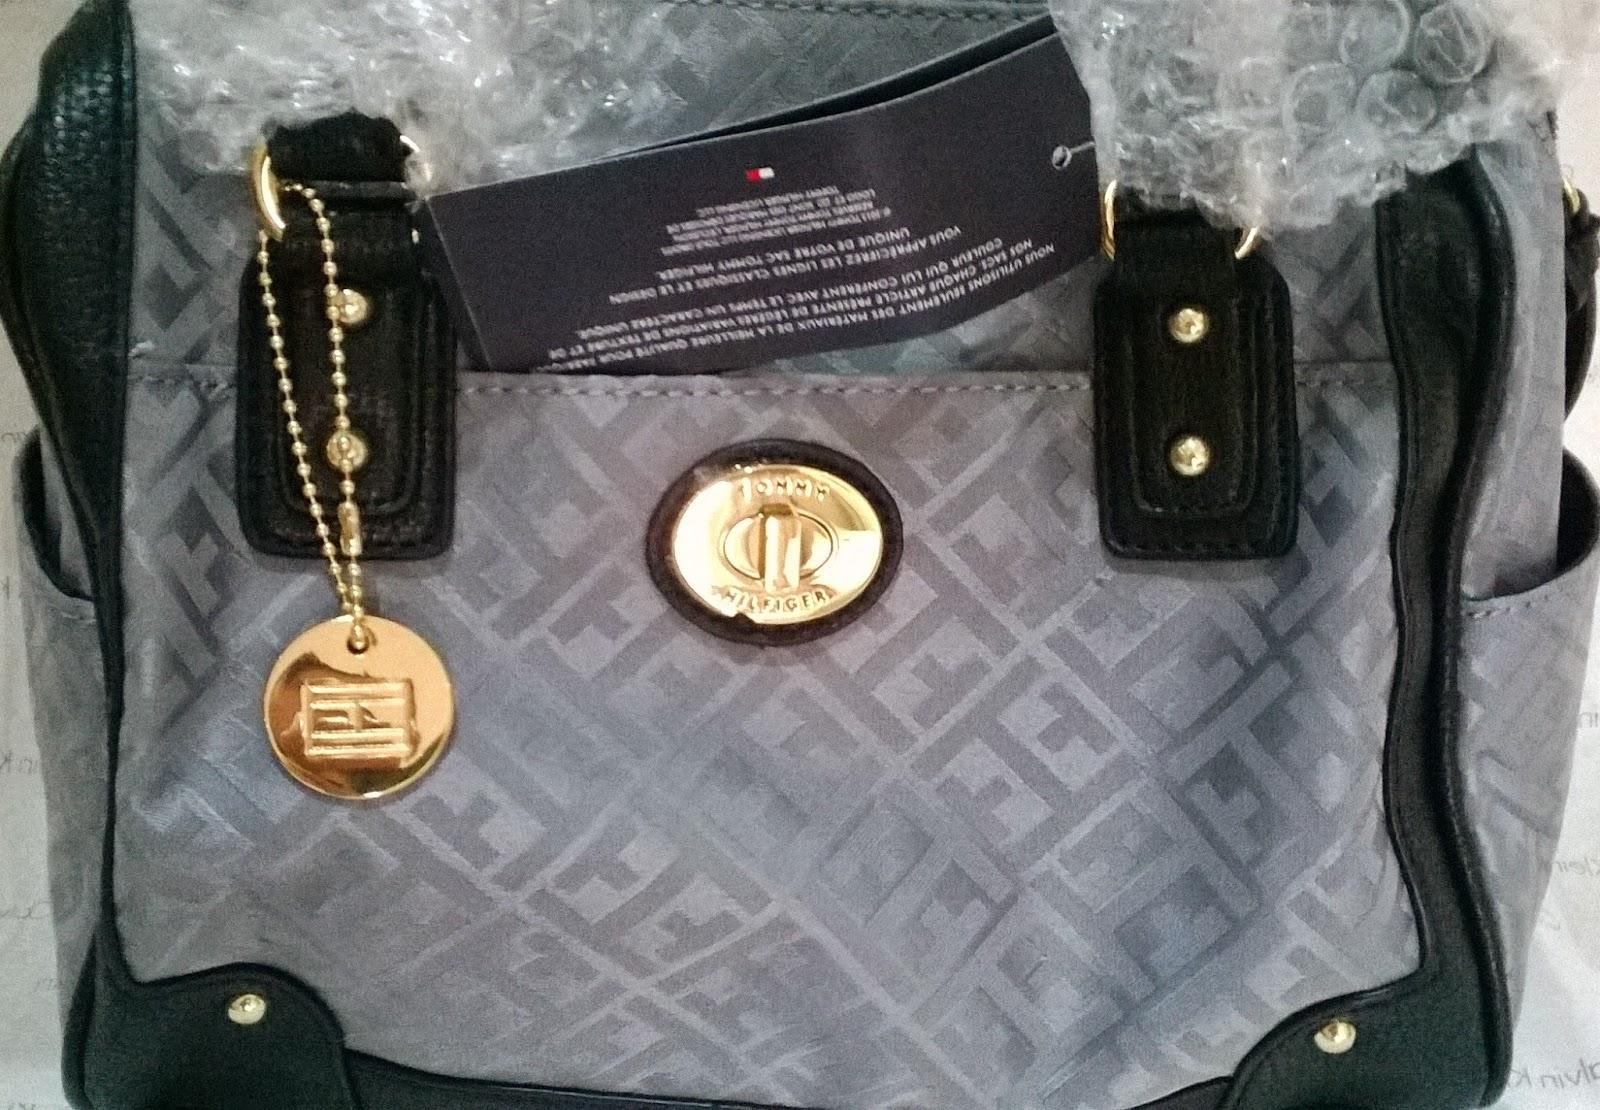 7632239bb7c MELHORES MARCAS - Bolsas de Marcas Famosas  Bolsas Calvin Klein e ...